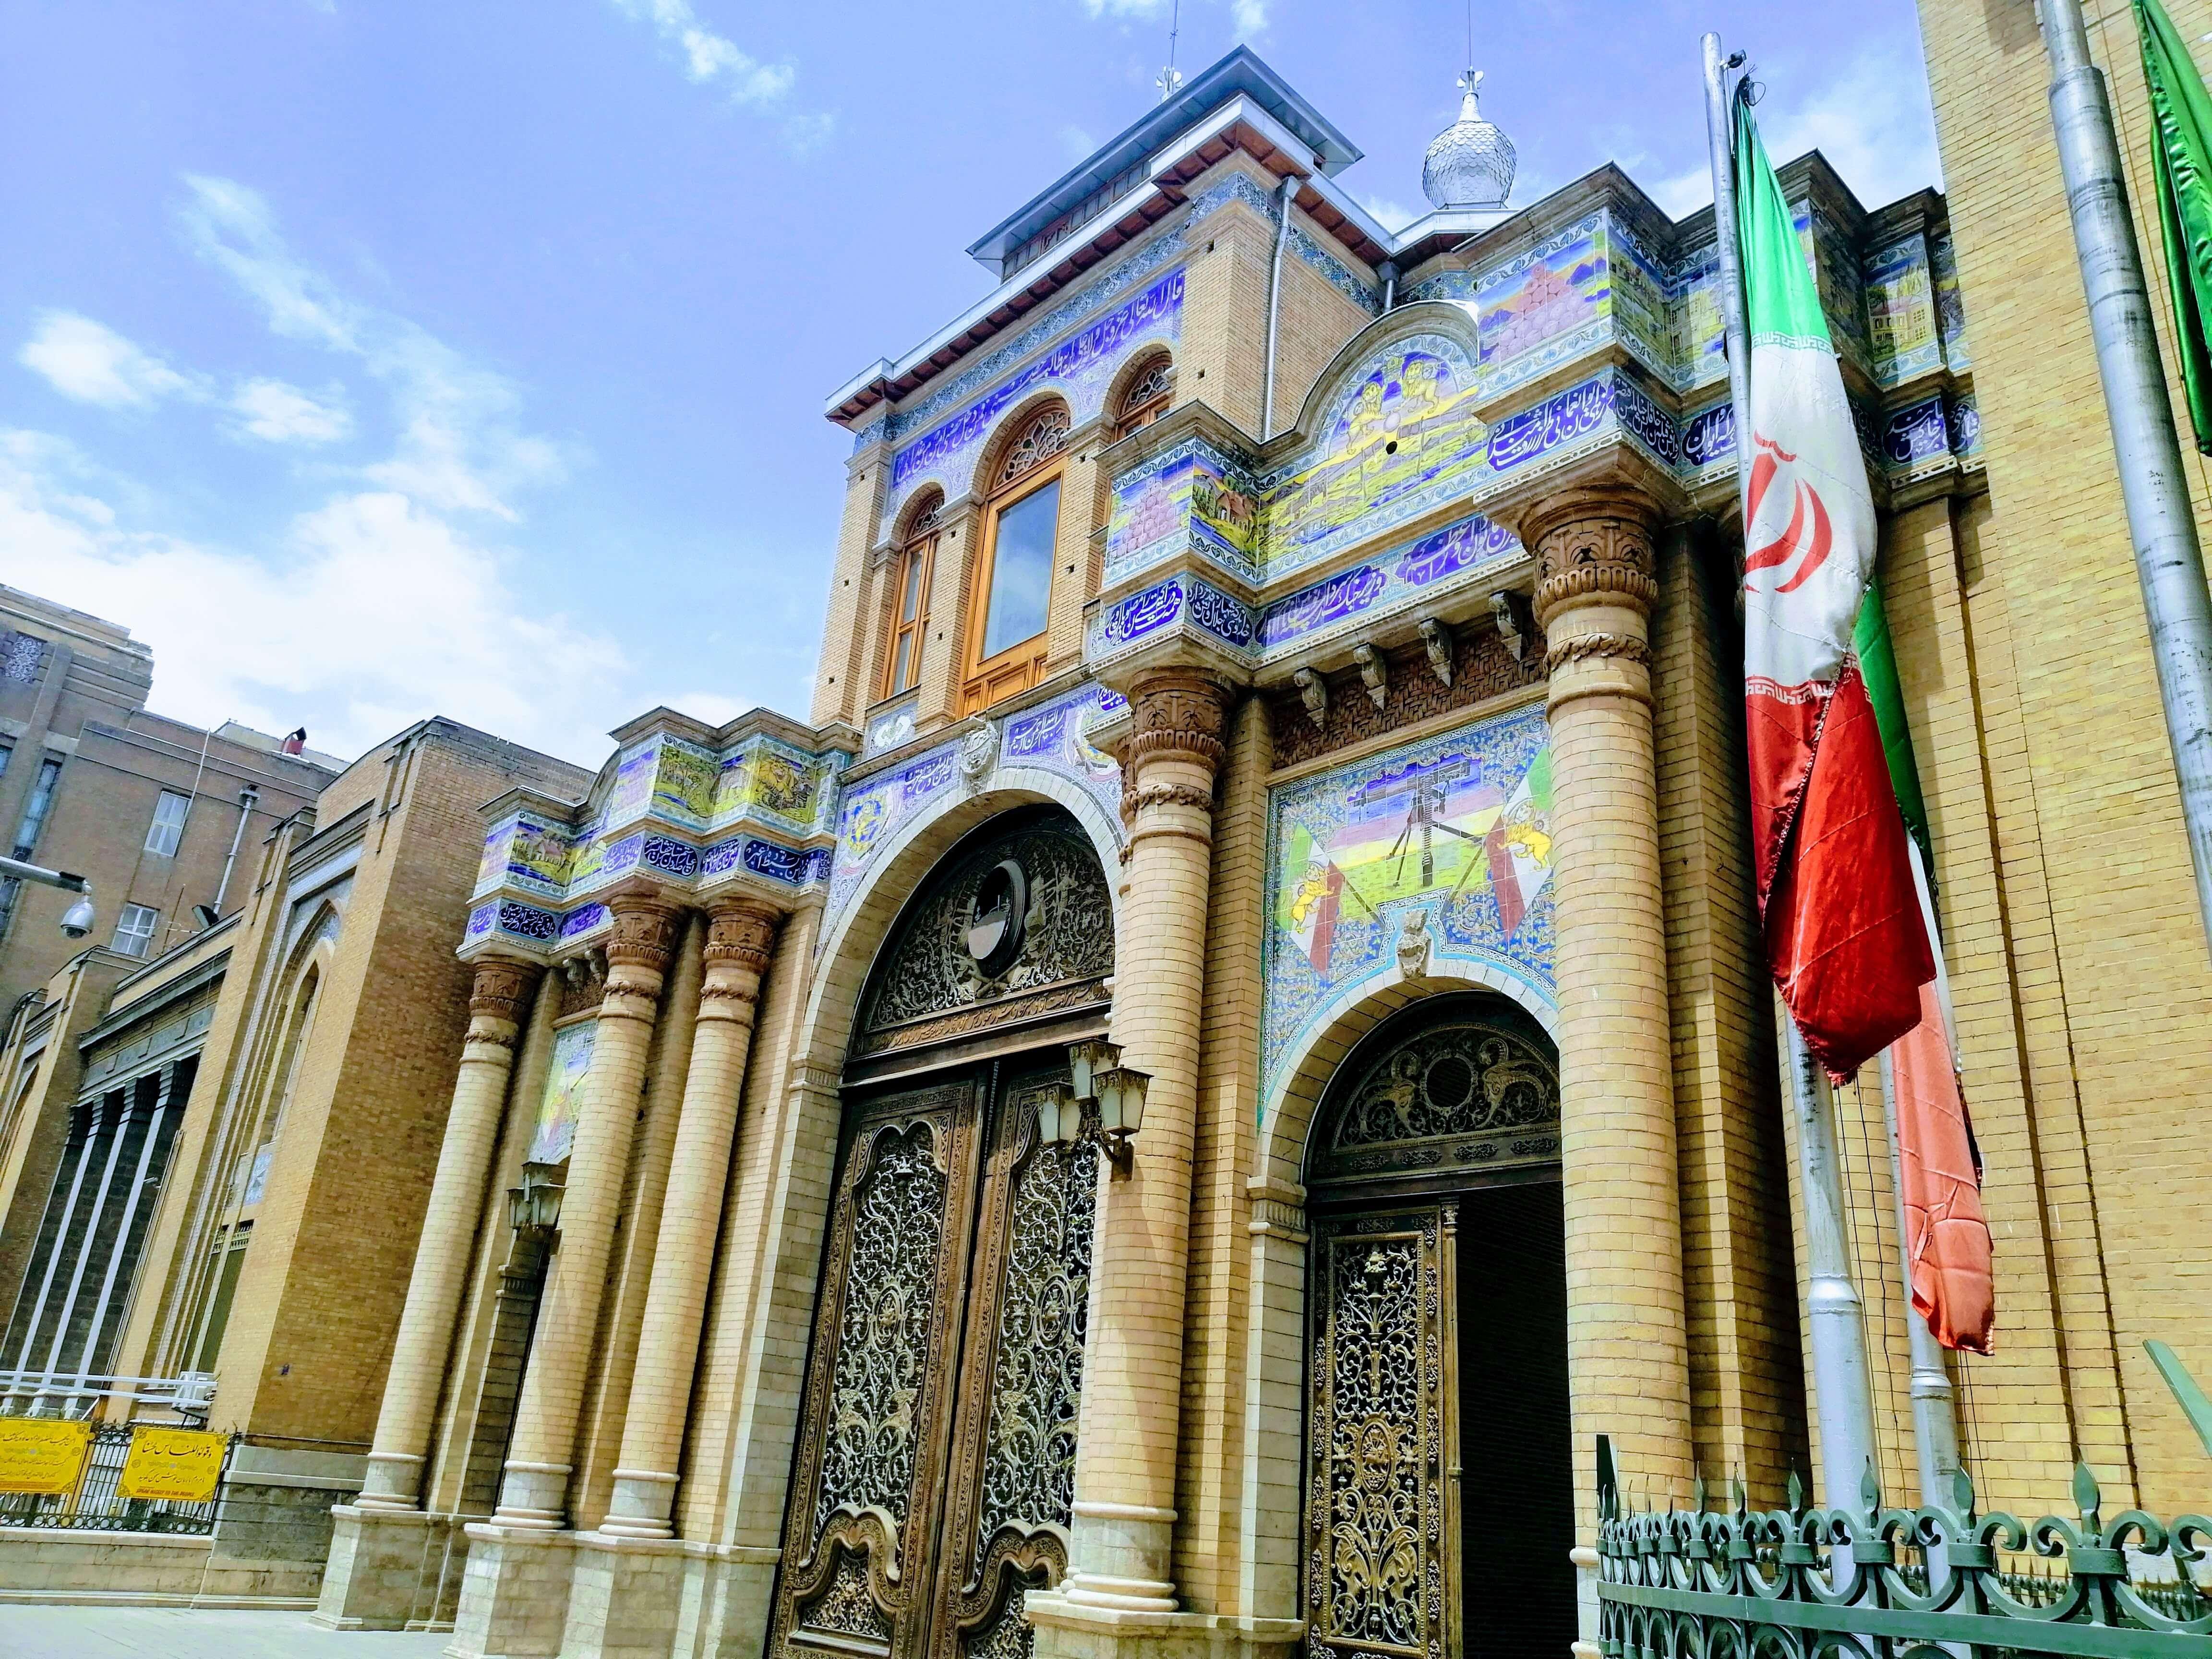 テヘランの博物館とイラン国旗